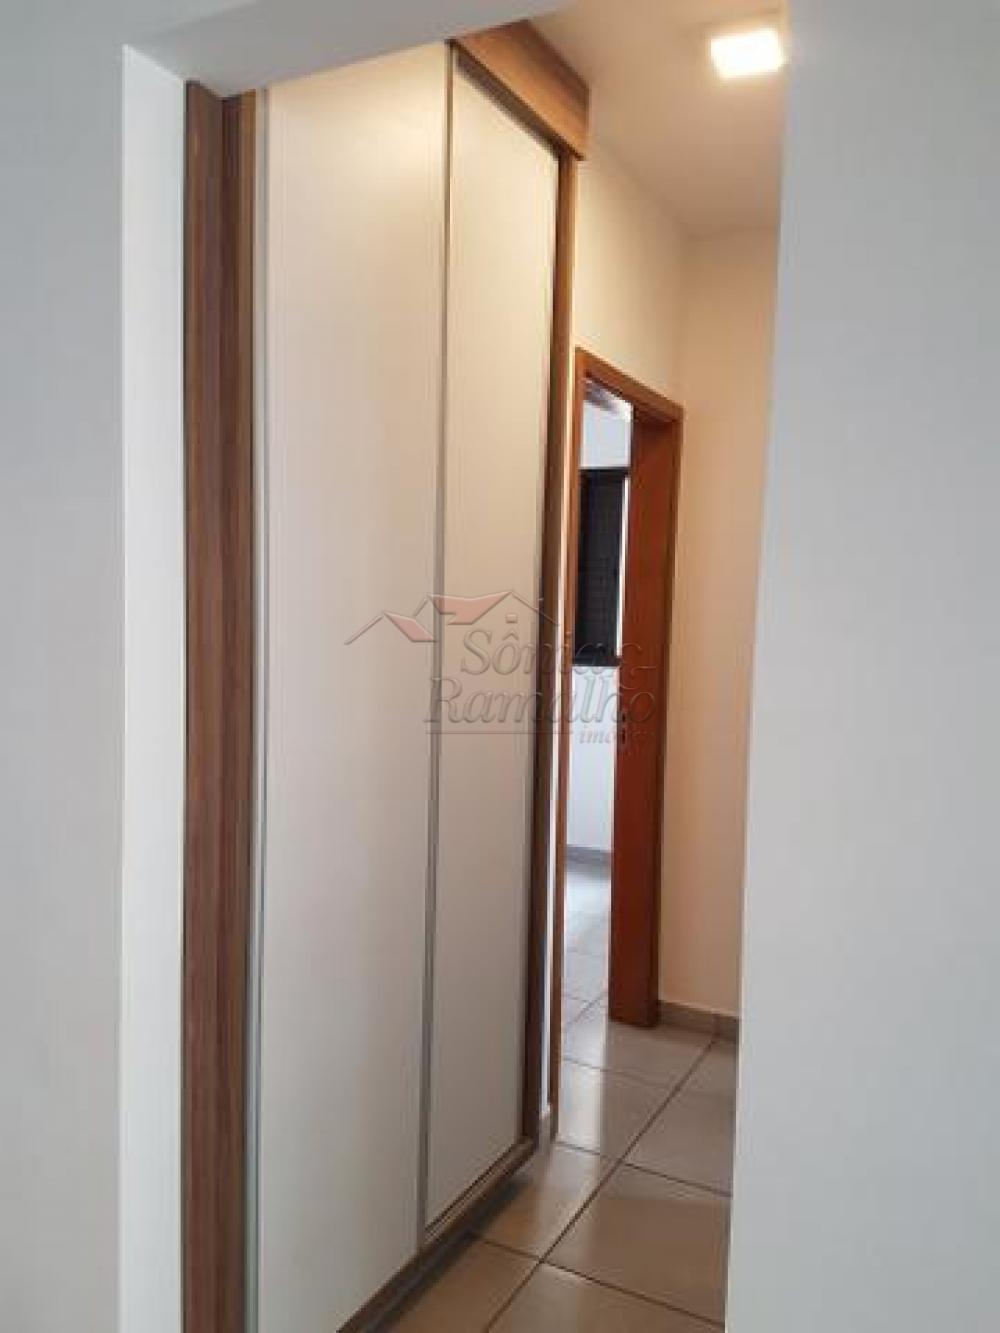 Comprar Apartamentos / Padrão em Ribeirão Preto apenas R$ 300.000,00 - Foto 10